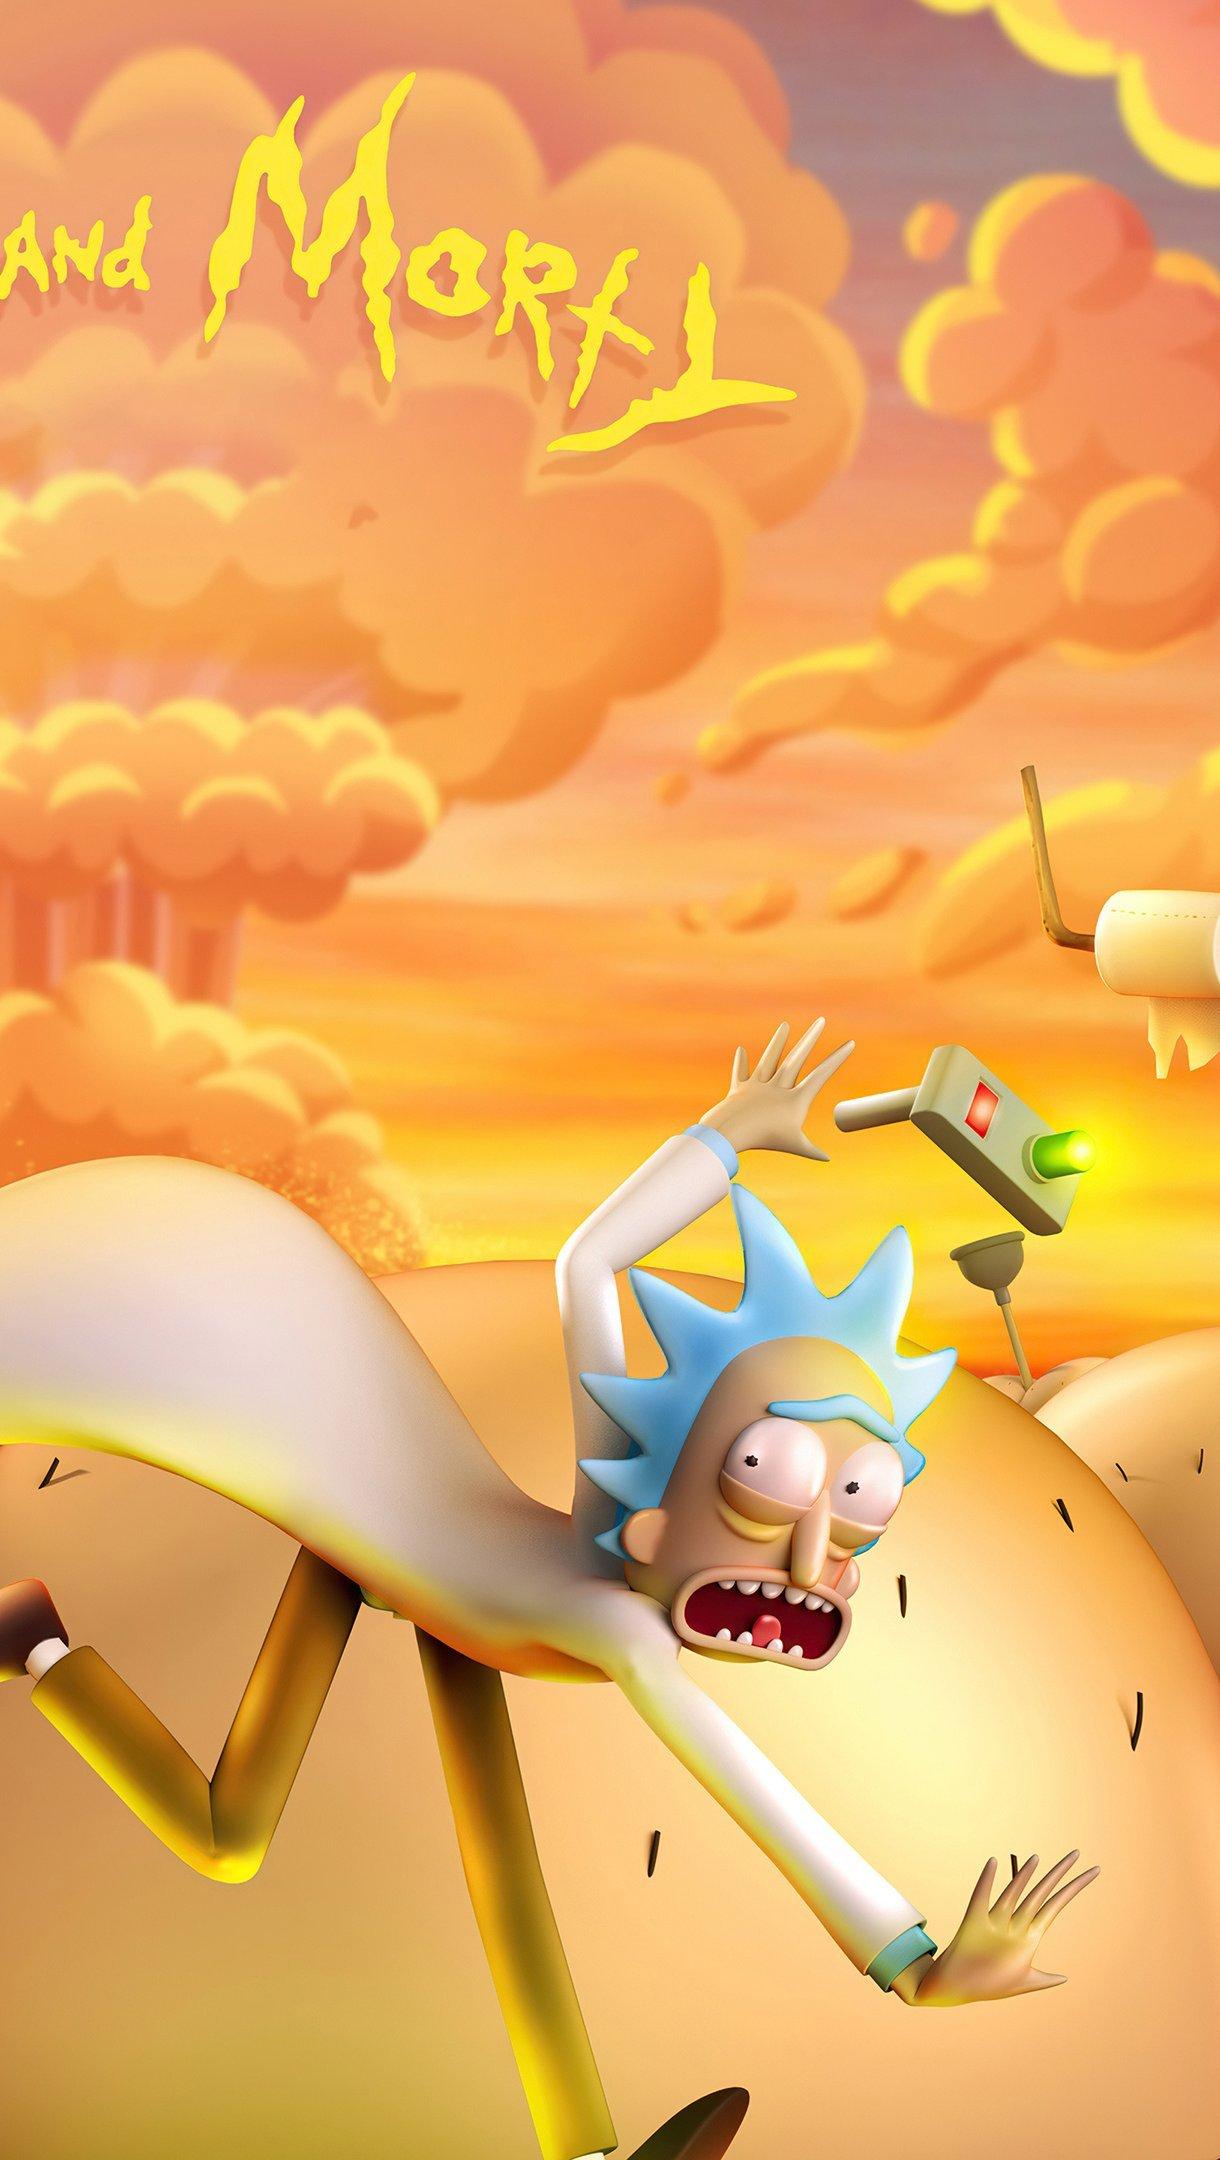 Fondos de pantalla Rick and Morty en 3D Vertical